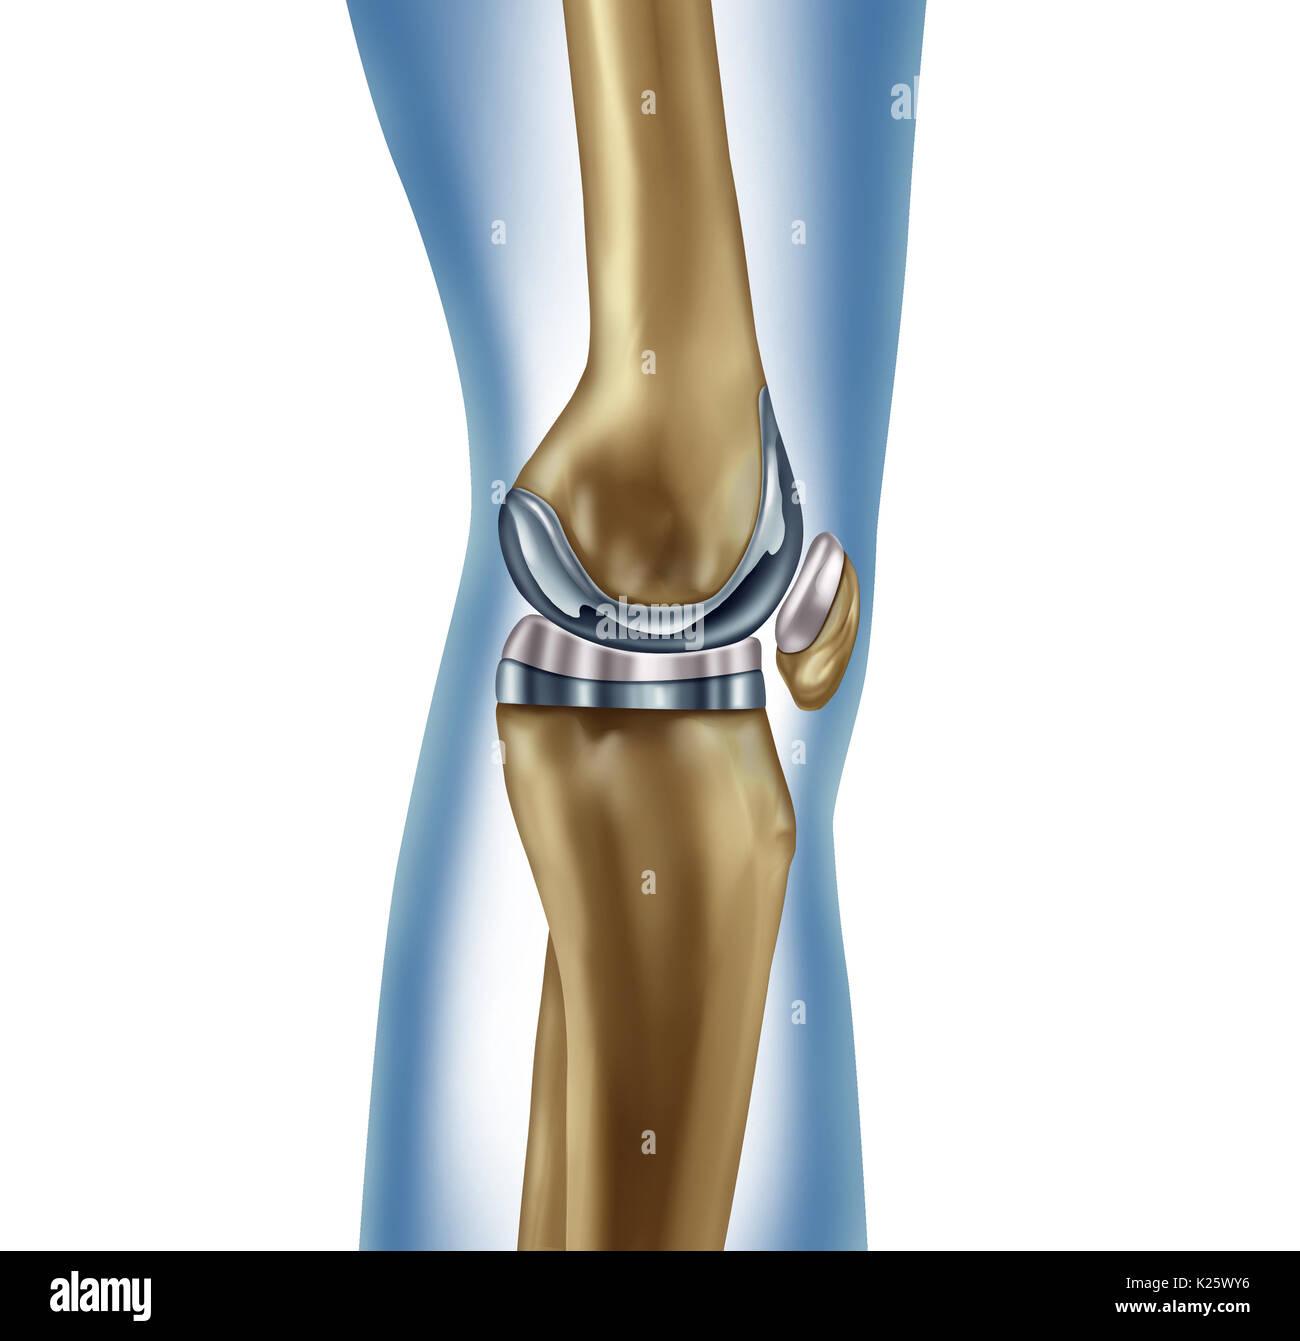 Austausch Knie medizinisches Konzept Implantat als menschliches Bein ...